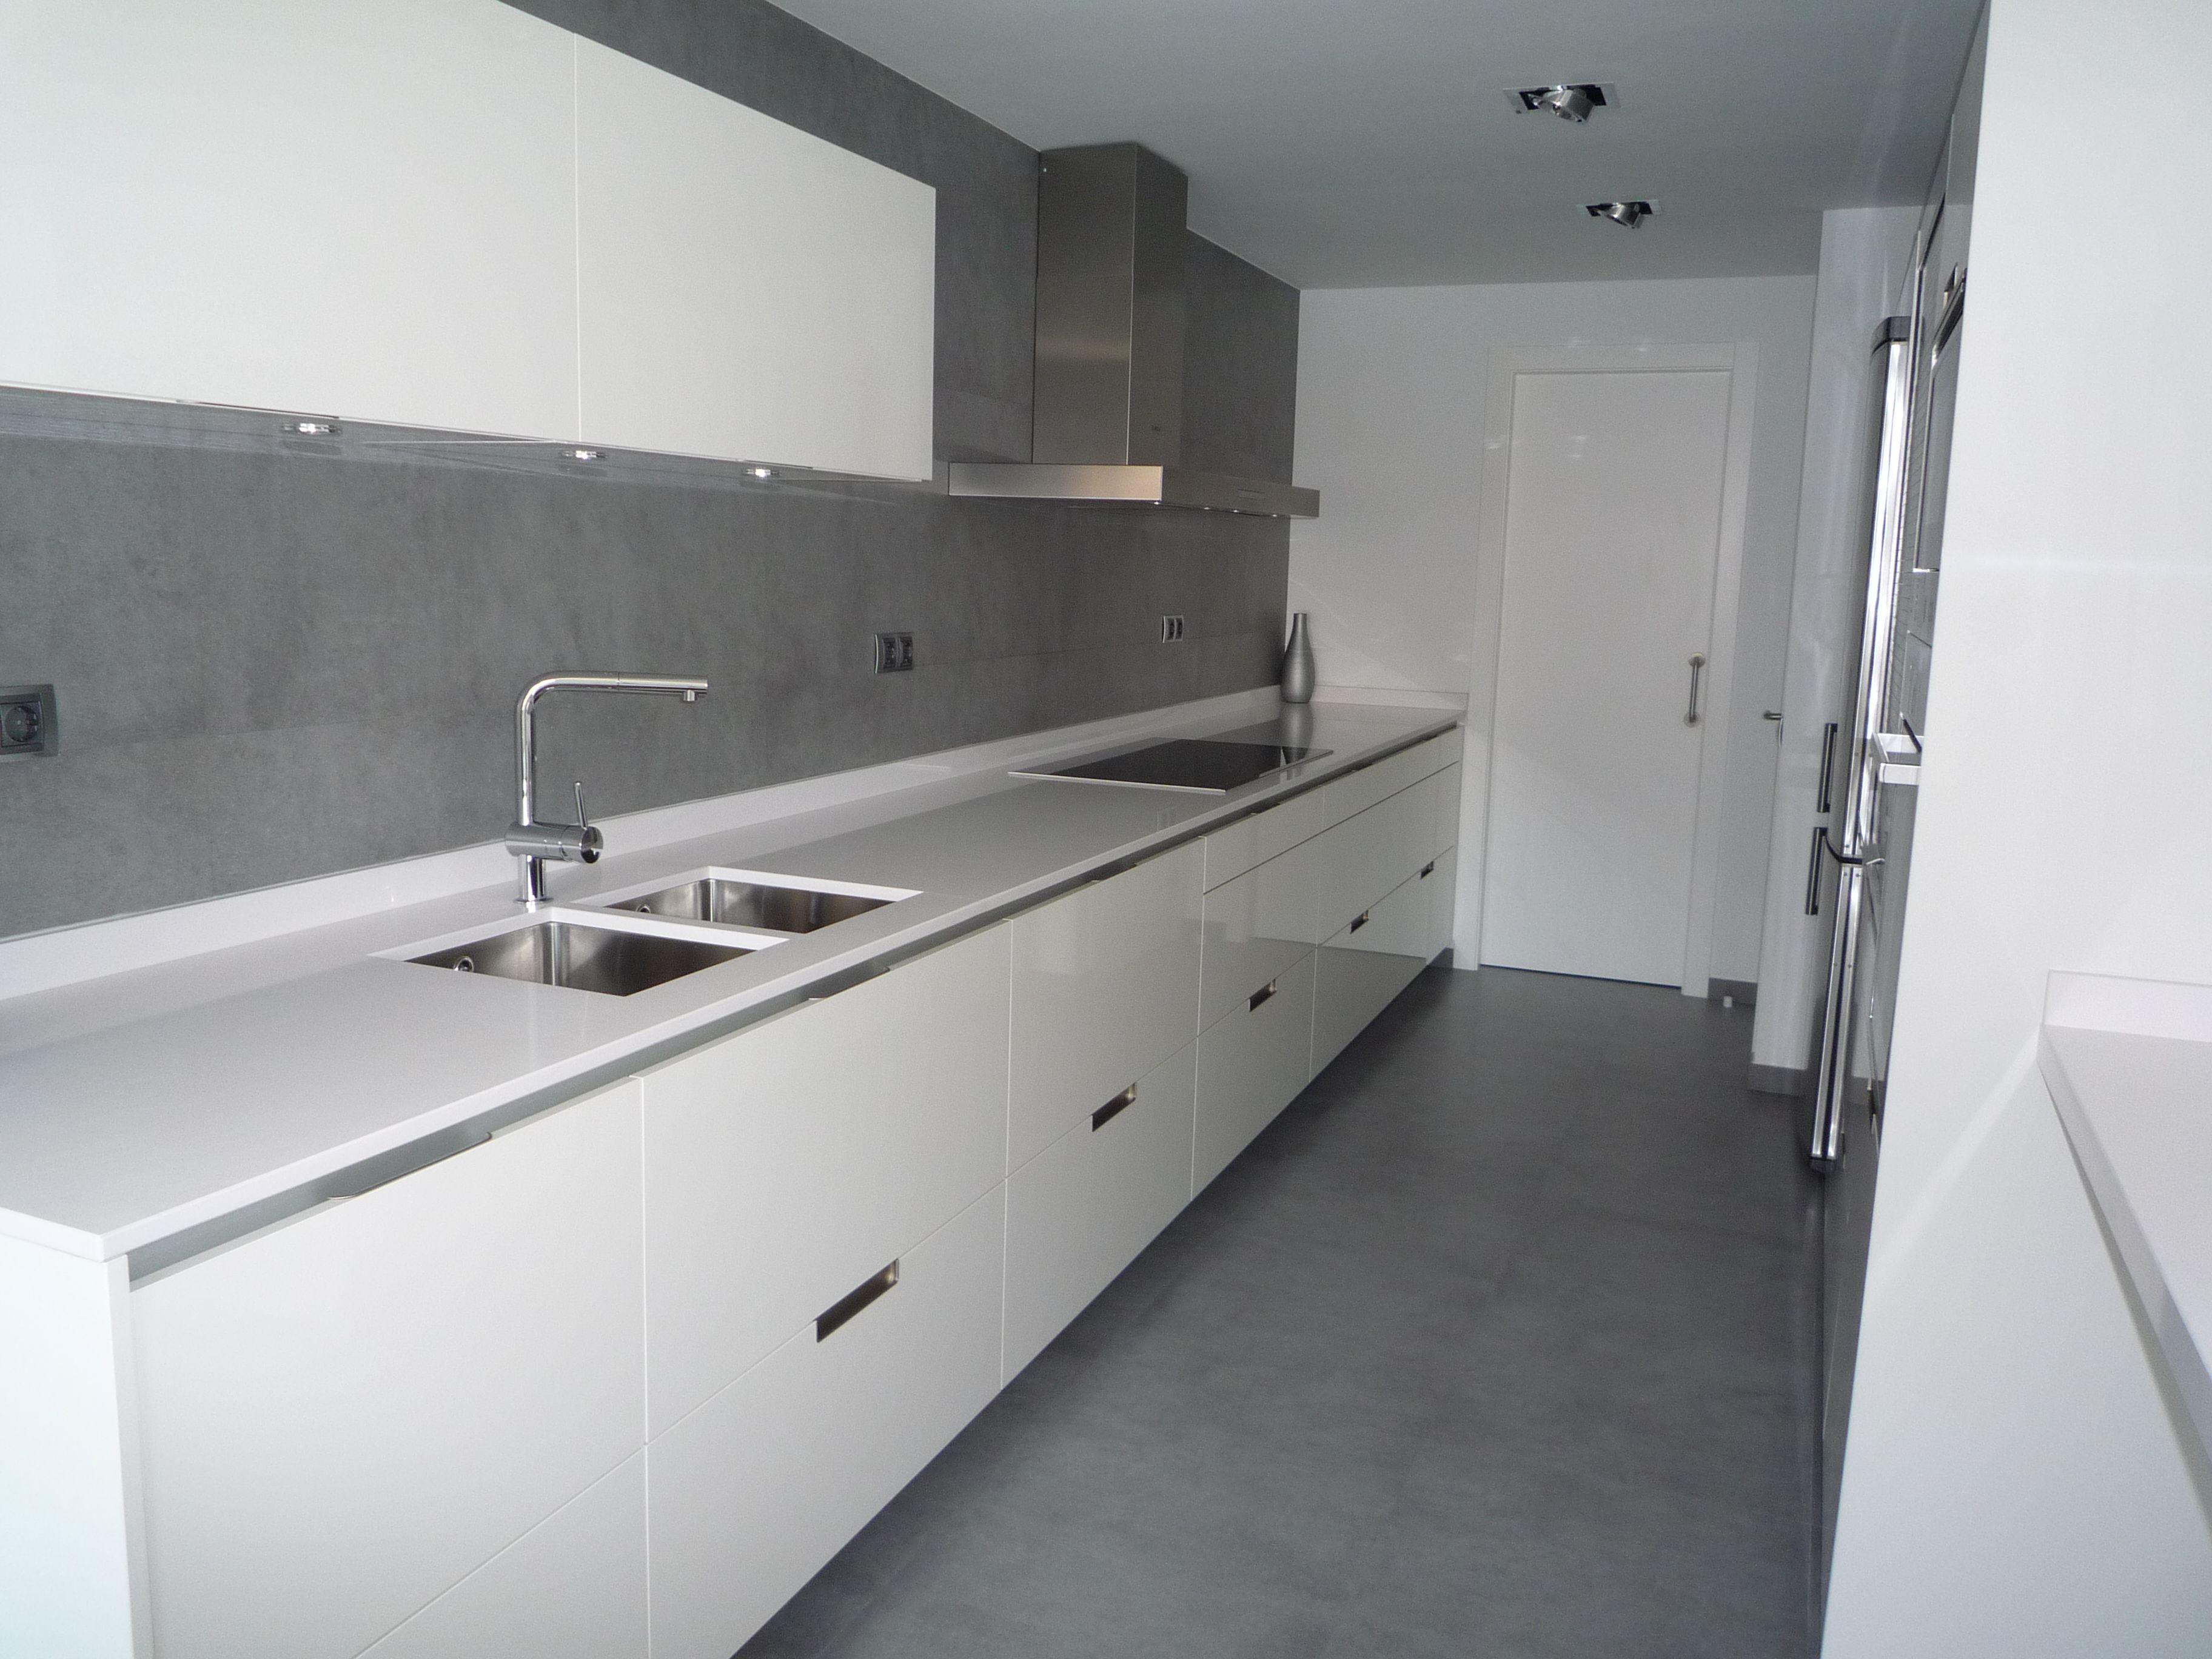 Pin de sonia isabel lopez en cocina en 2019 kitchen - Suelo madera cocina ...